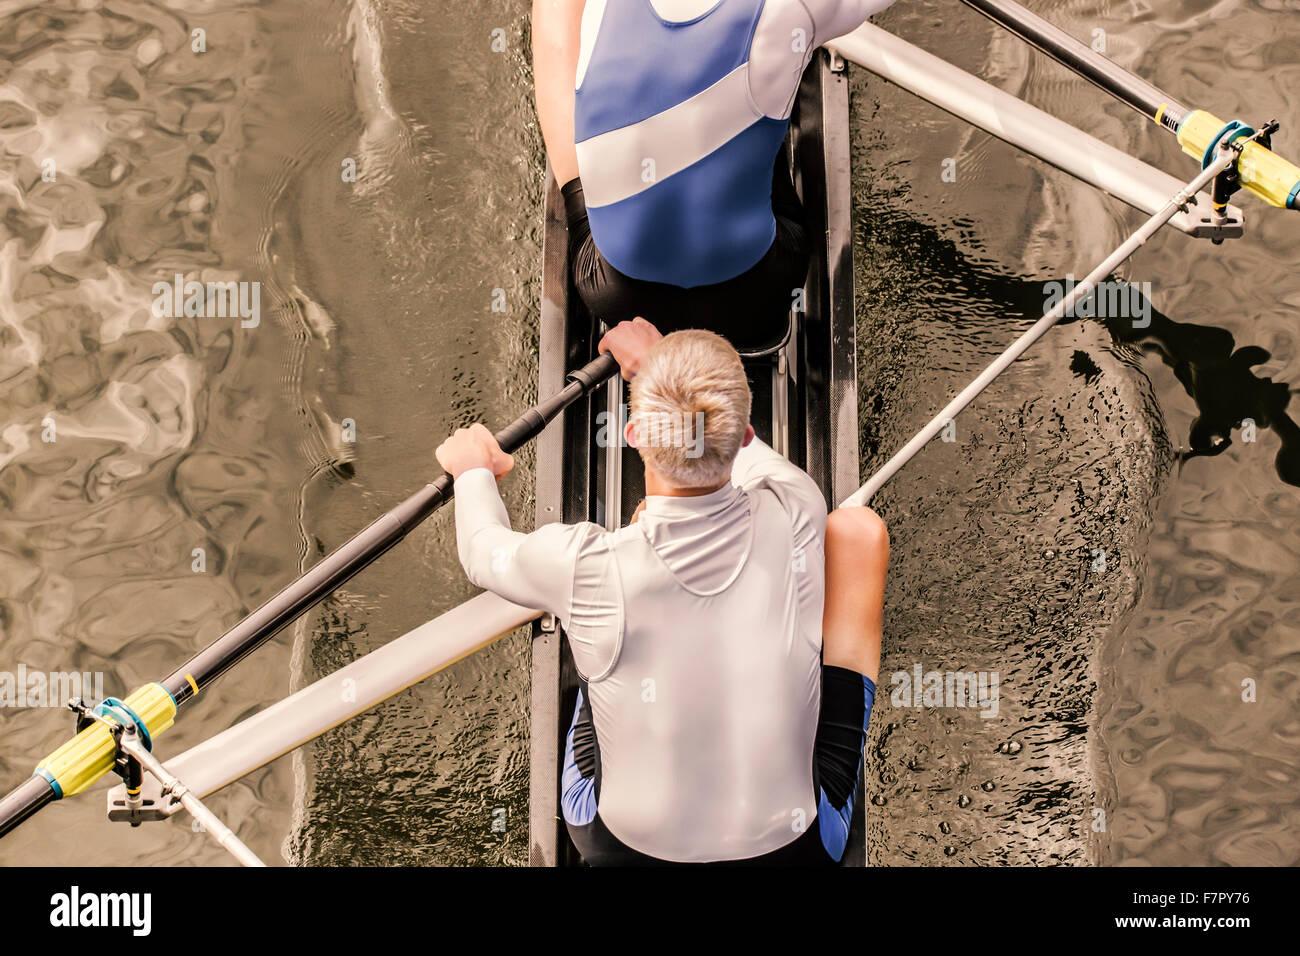 Vue de dessus de deux concours d'athlétisme, course Rameur qui leur pagaie dans l'eau. Photo Stock